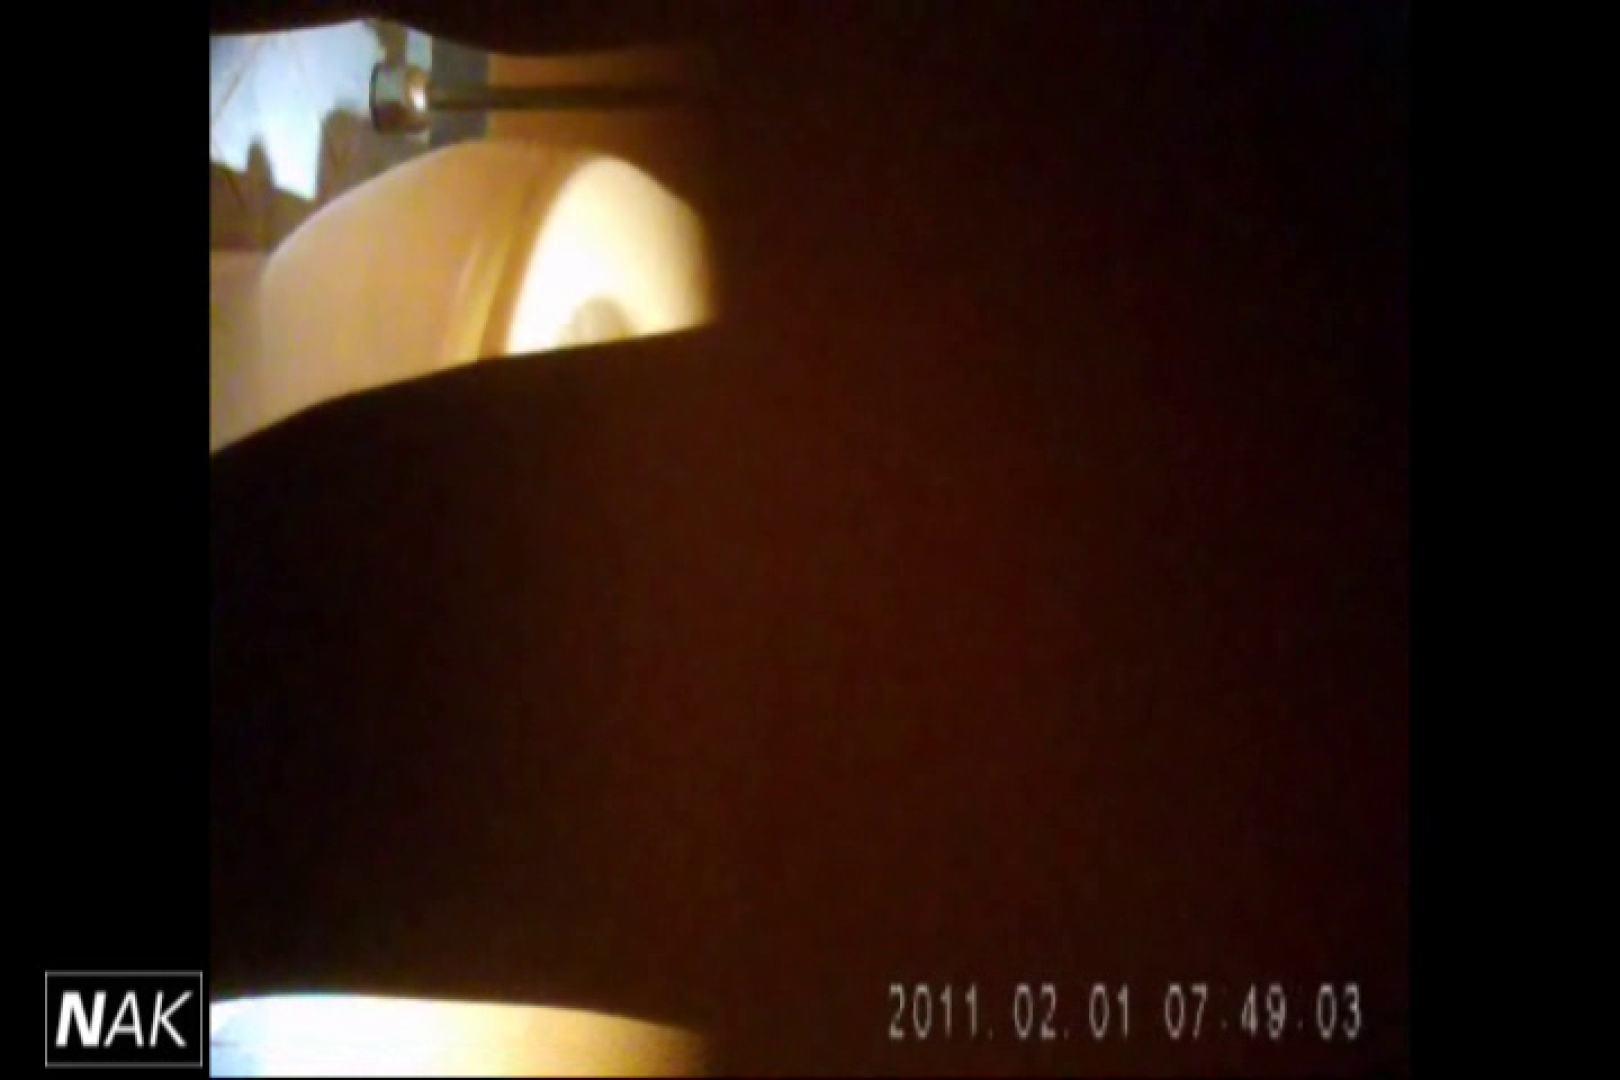 せん八さんの厠観察日記!2点監視カメラ 高画質5000K vol.01 厠・・・ 盗み撮り動画 110PIX 62